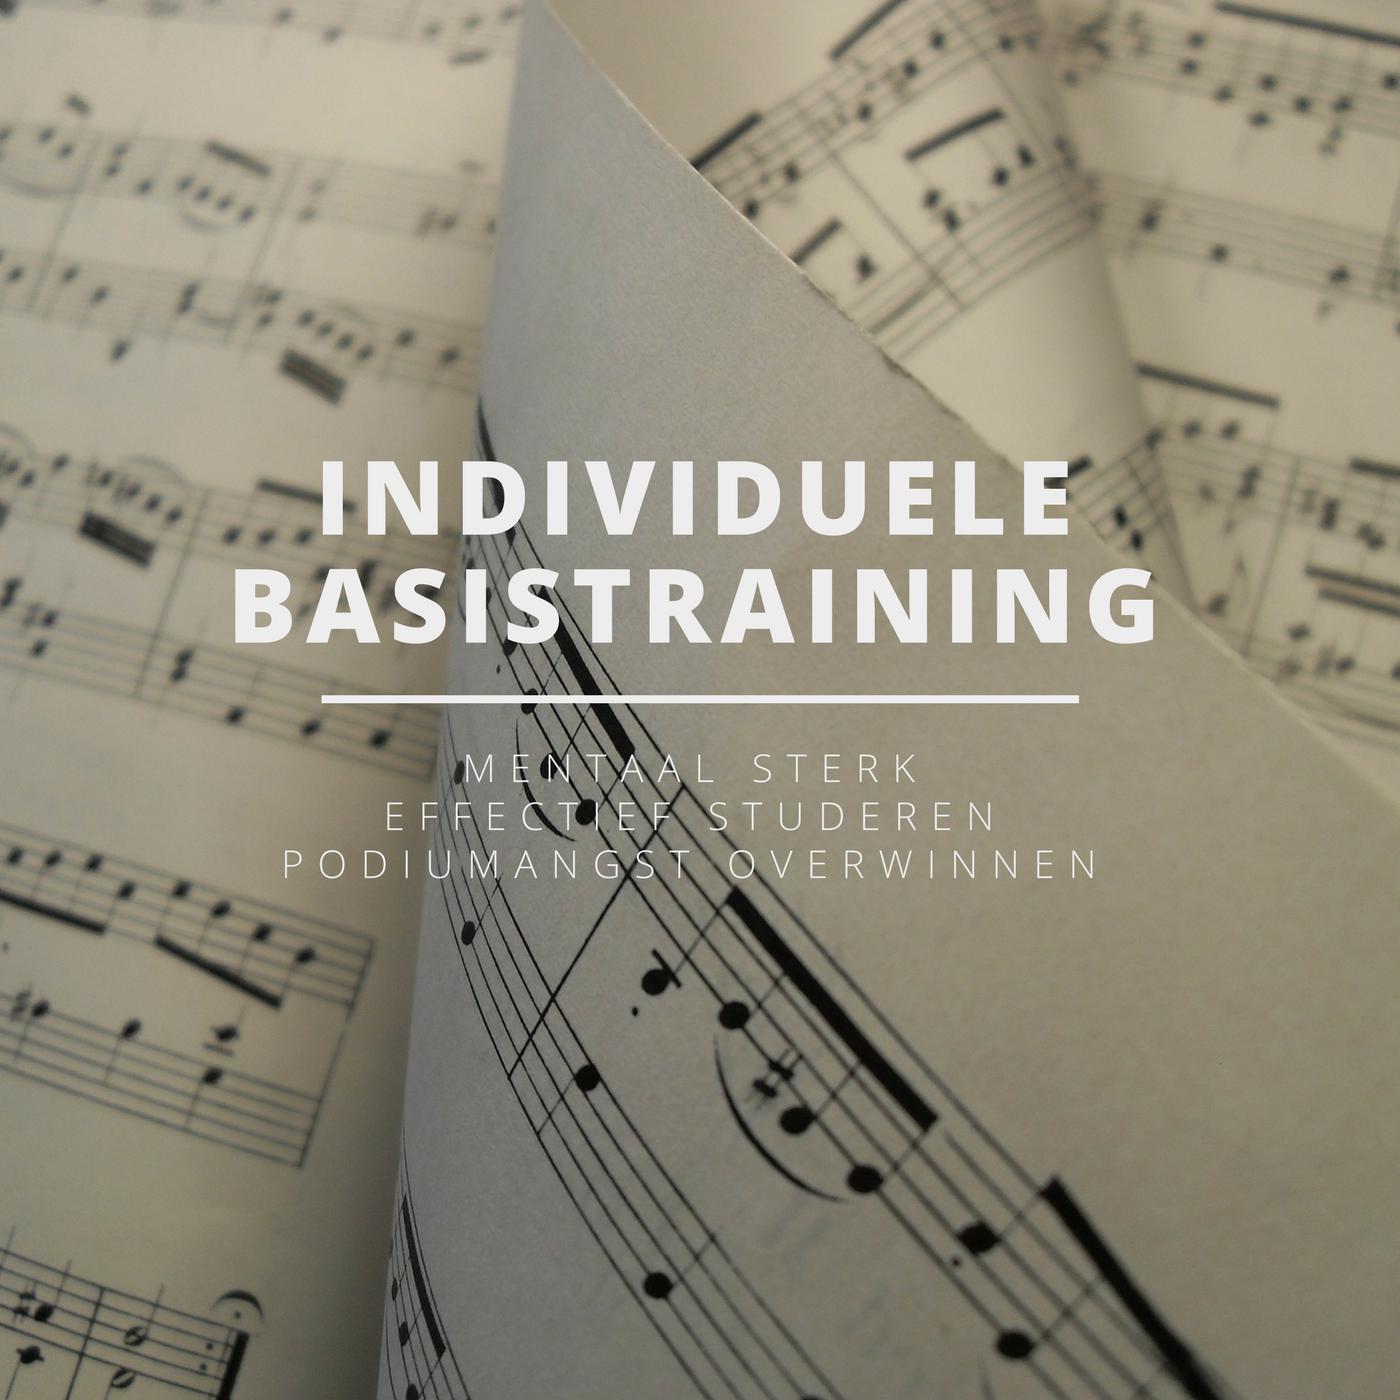 Individuele Basistraining